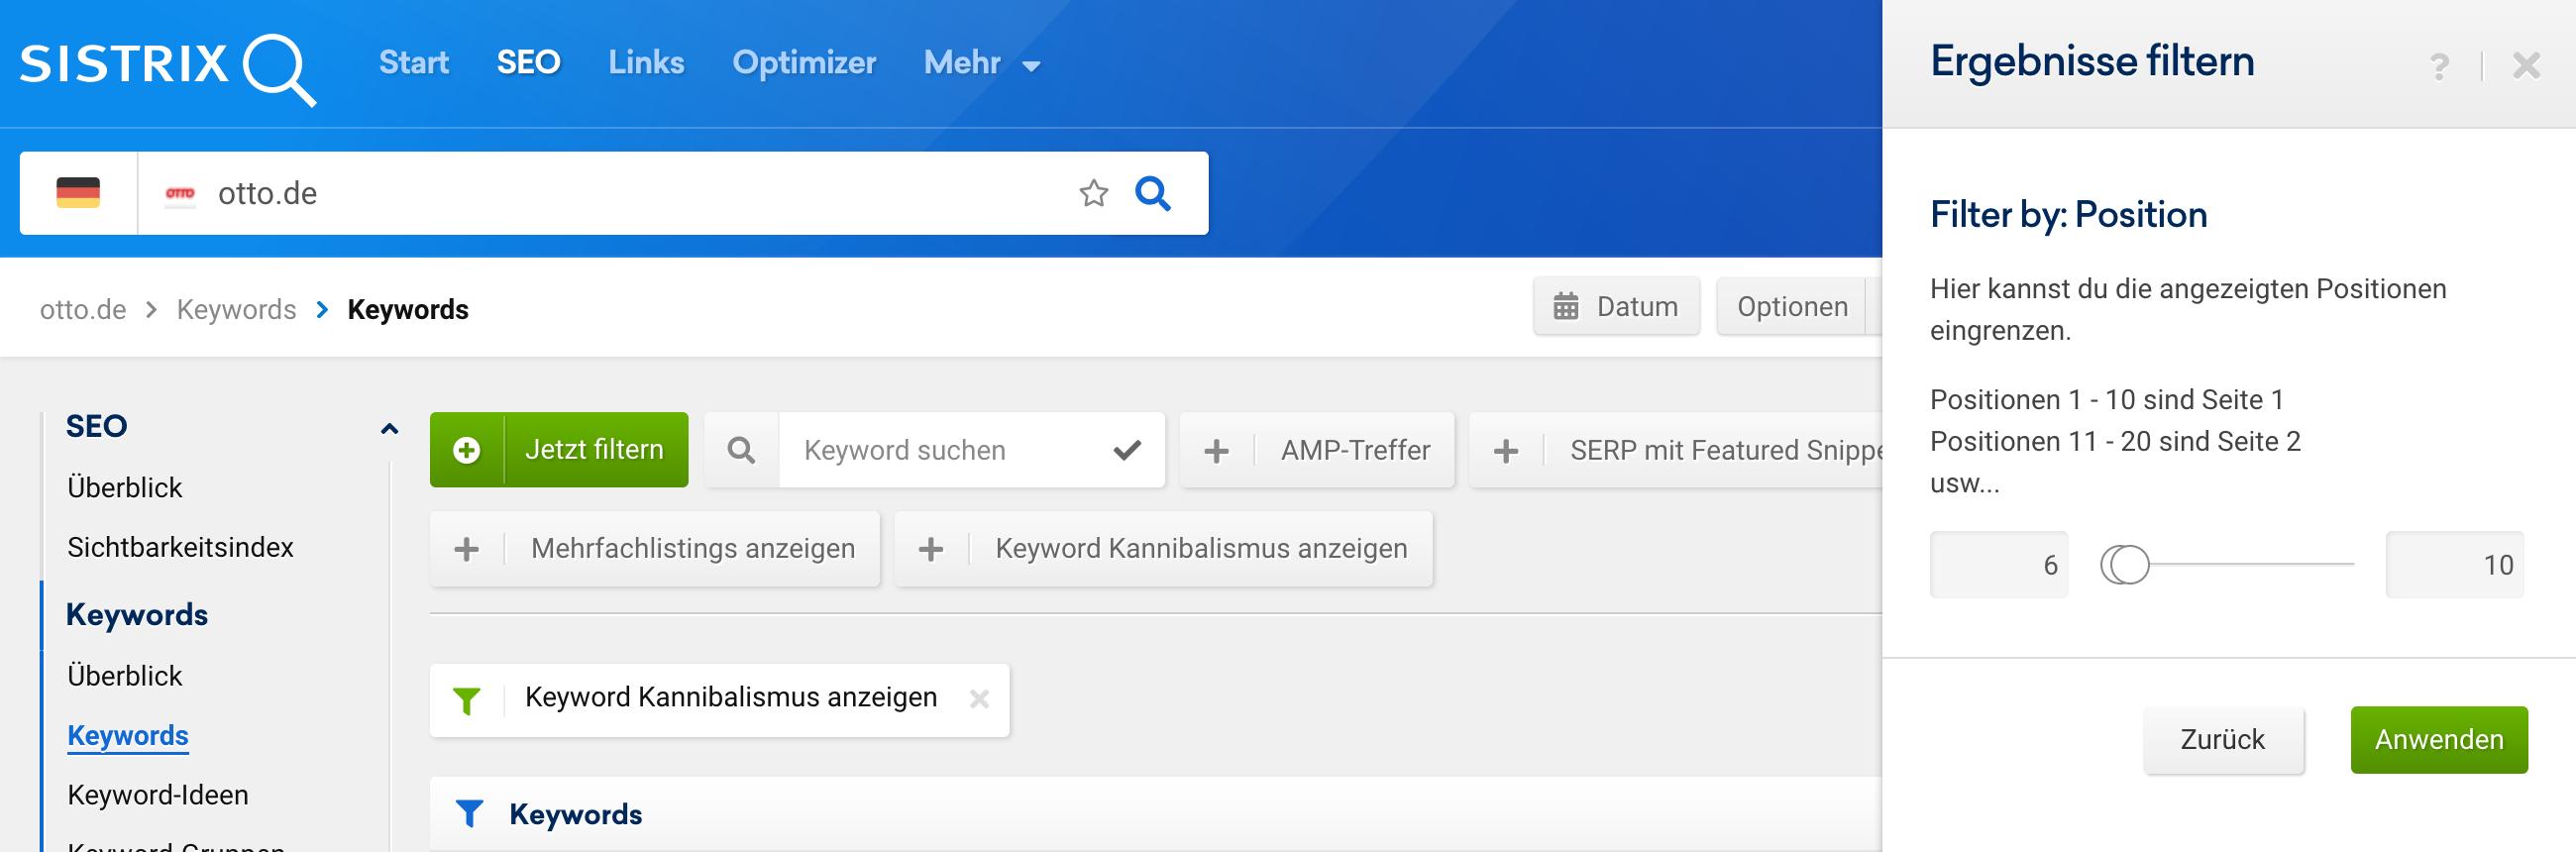 """Ansicht der """"Keywords""""-Funktion im SEO-Modul. Geöffnet ist das """"Ergebnisse filtern"""" Dialogmenü mit einem Filter für """"Position"""" über den die Positionen zwischen 6 und 10 gefiltert werden sollen."""